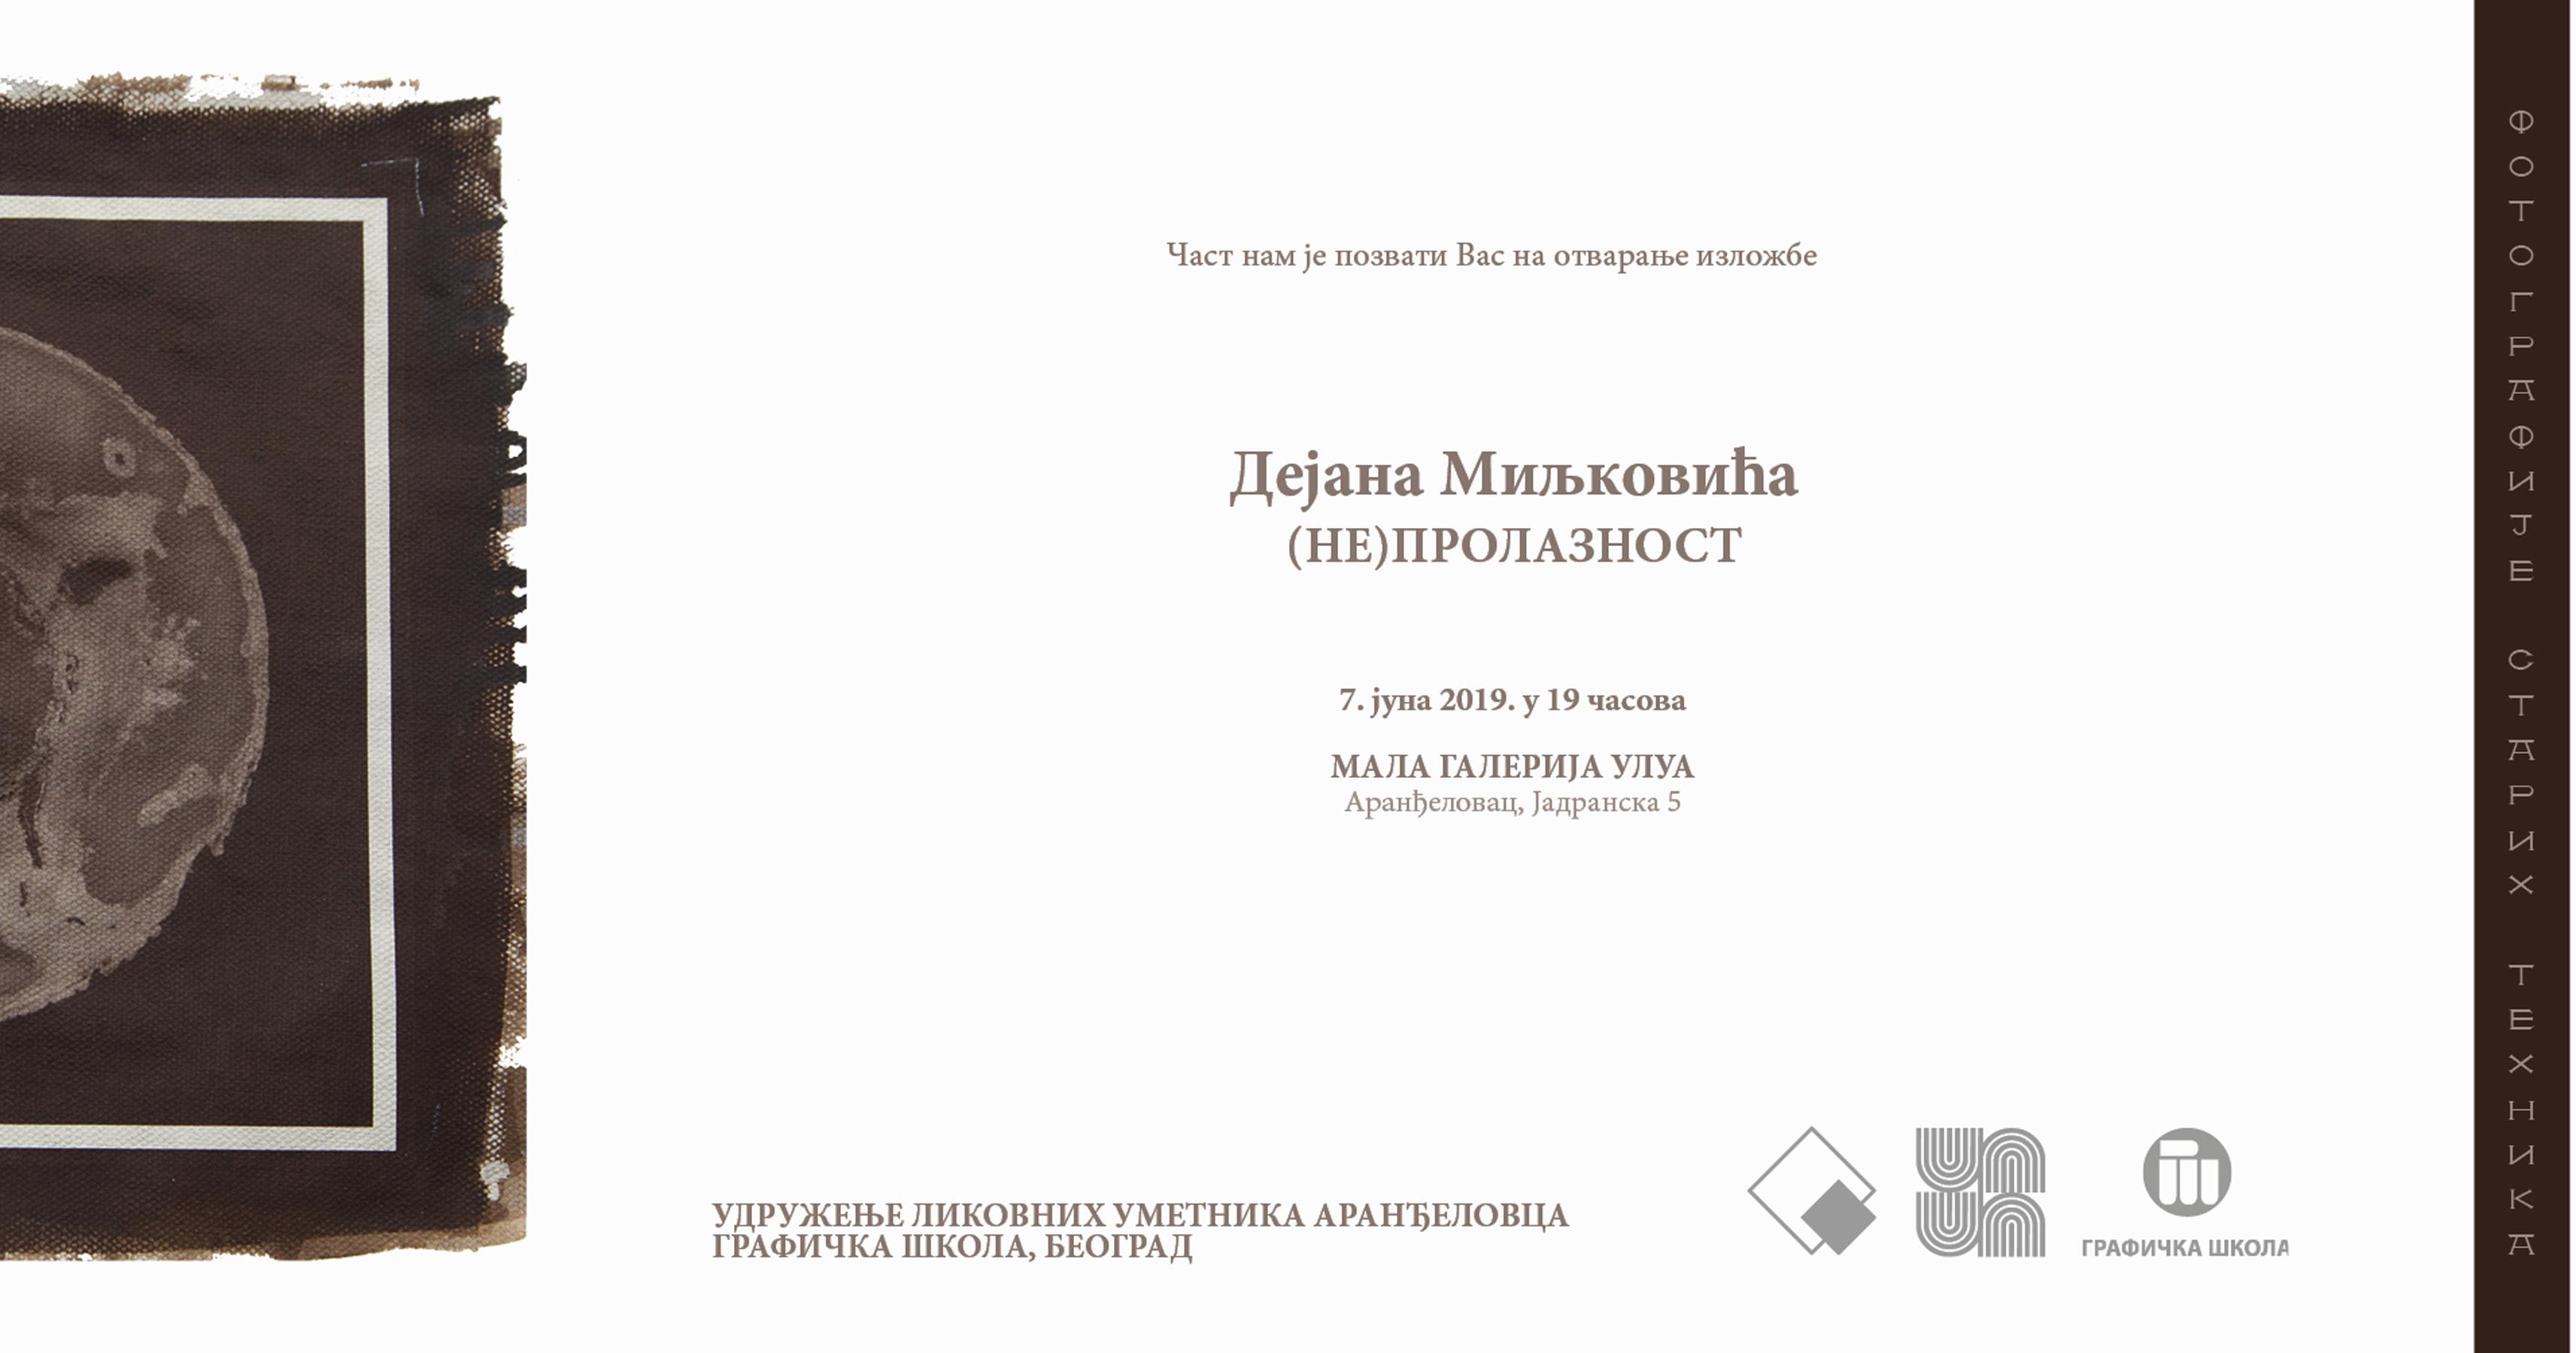 Pozivnica za izložbu Dejana Miljkovića - Aradnjelovac 2019